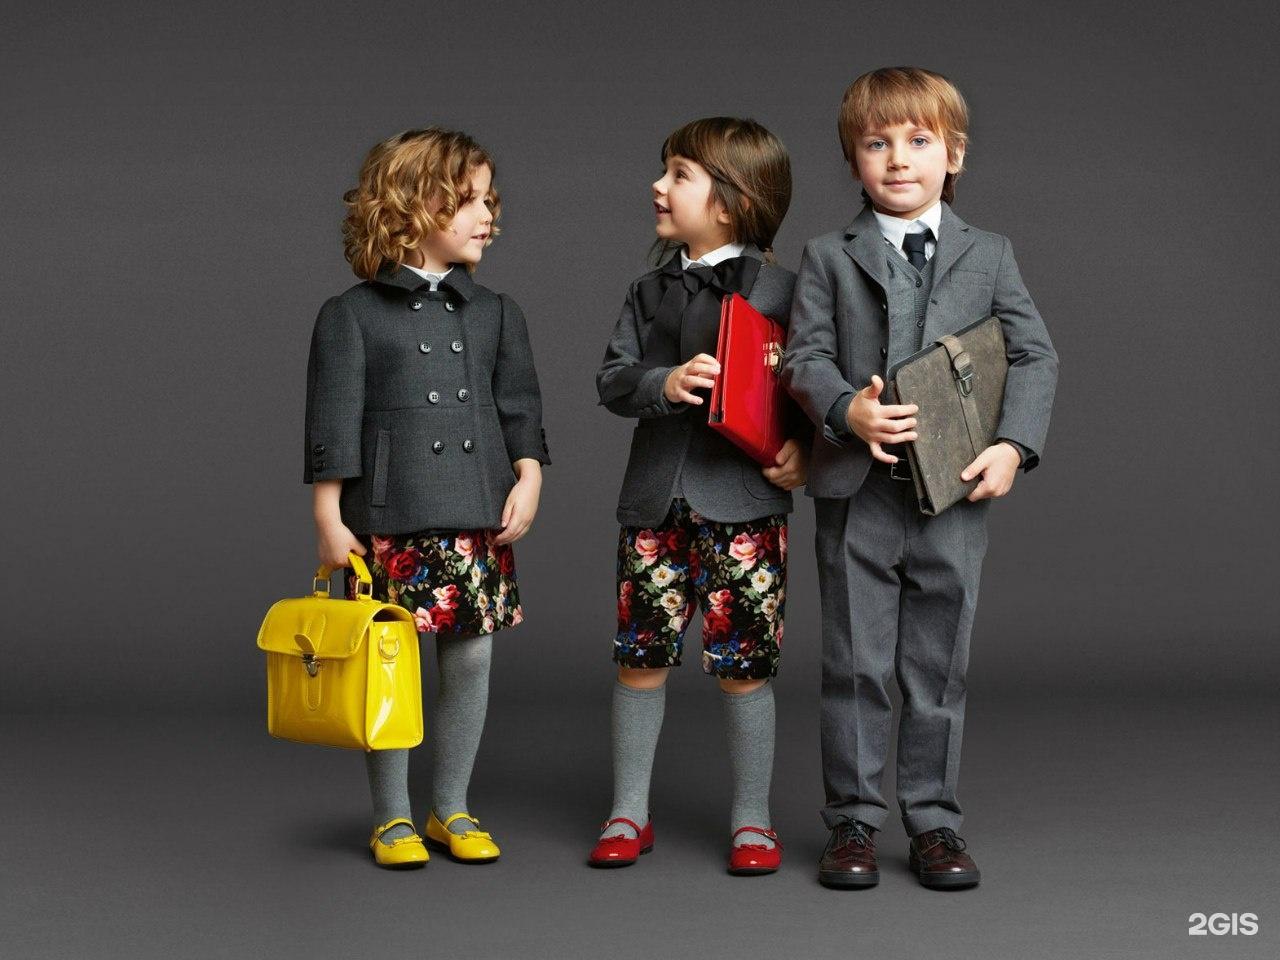 Как модно одеть ребенка в школу фото